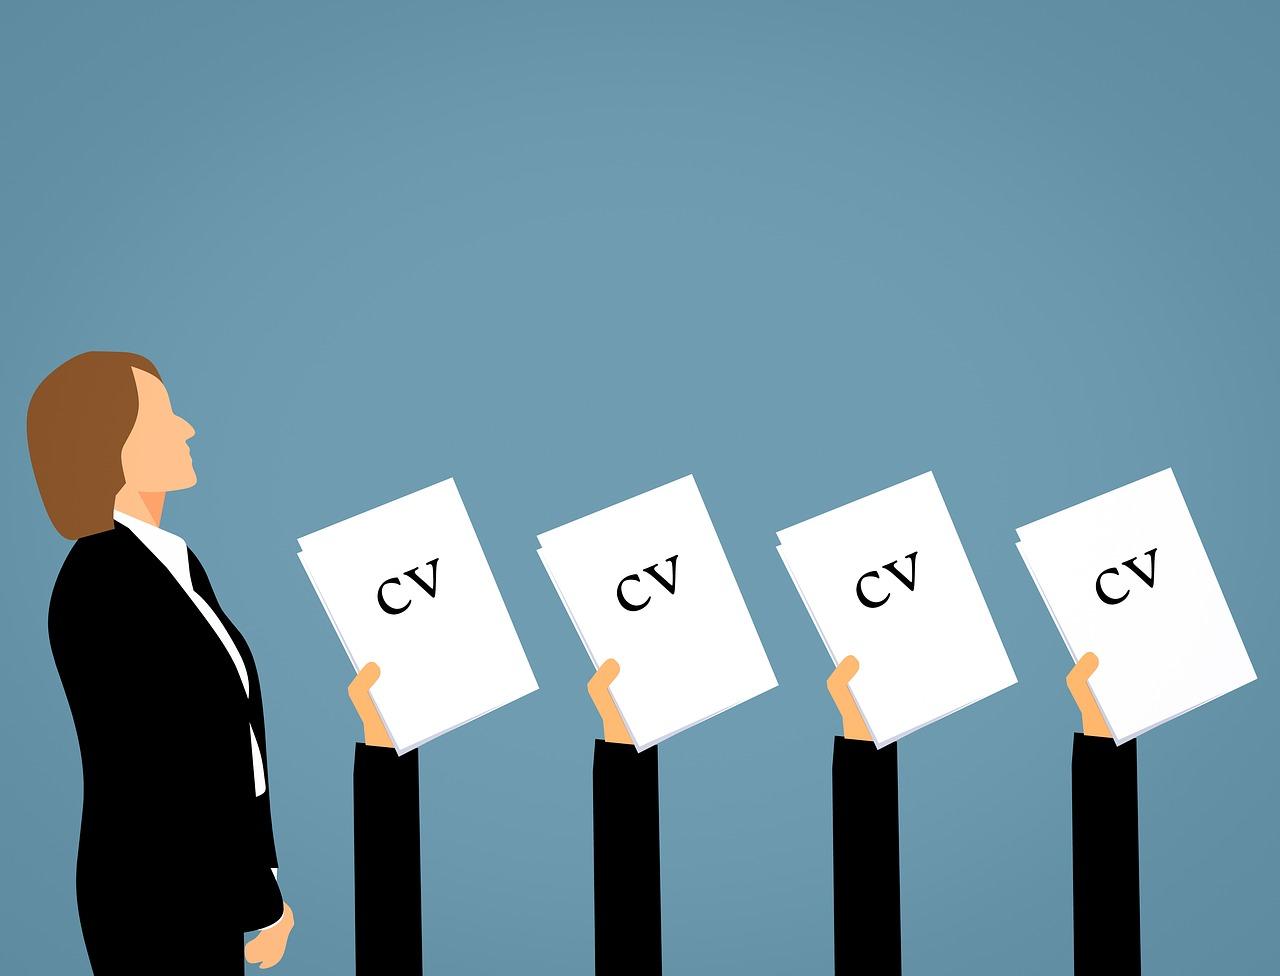 Talent Management, Recruitment, Online Recruitment, Employment Branding, Onboarding